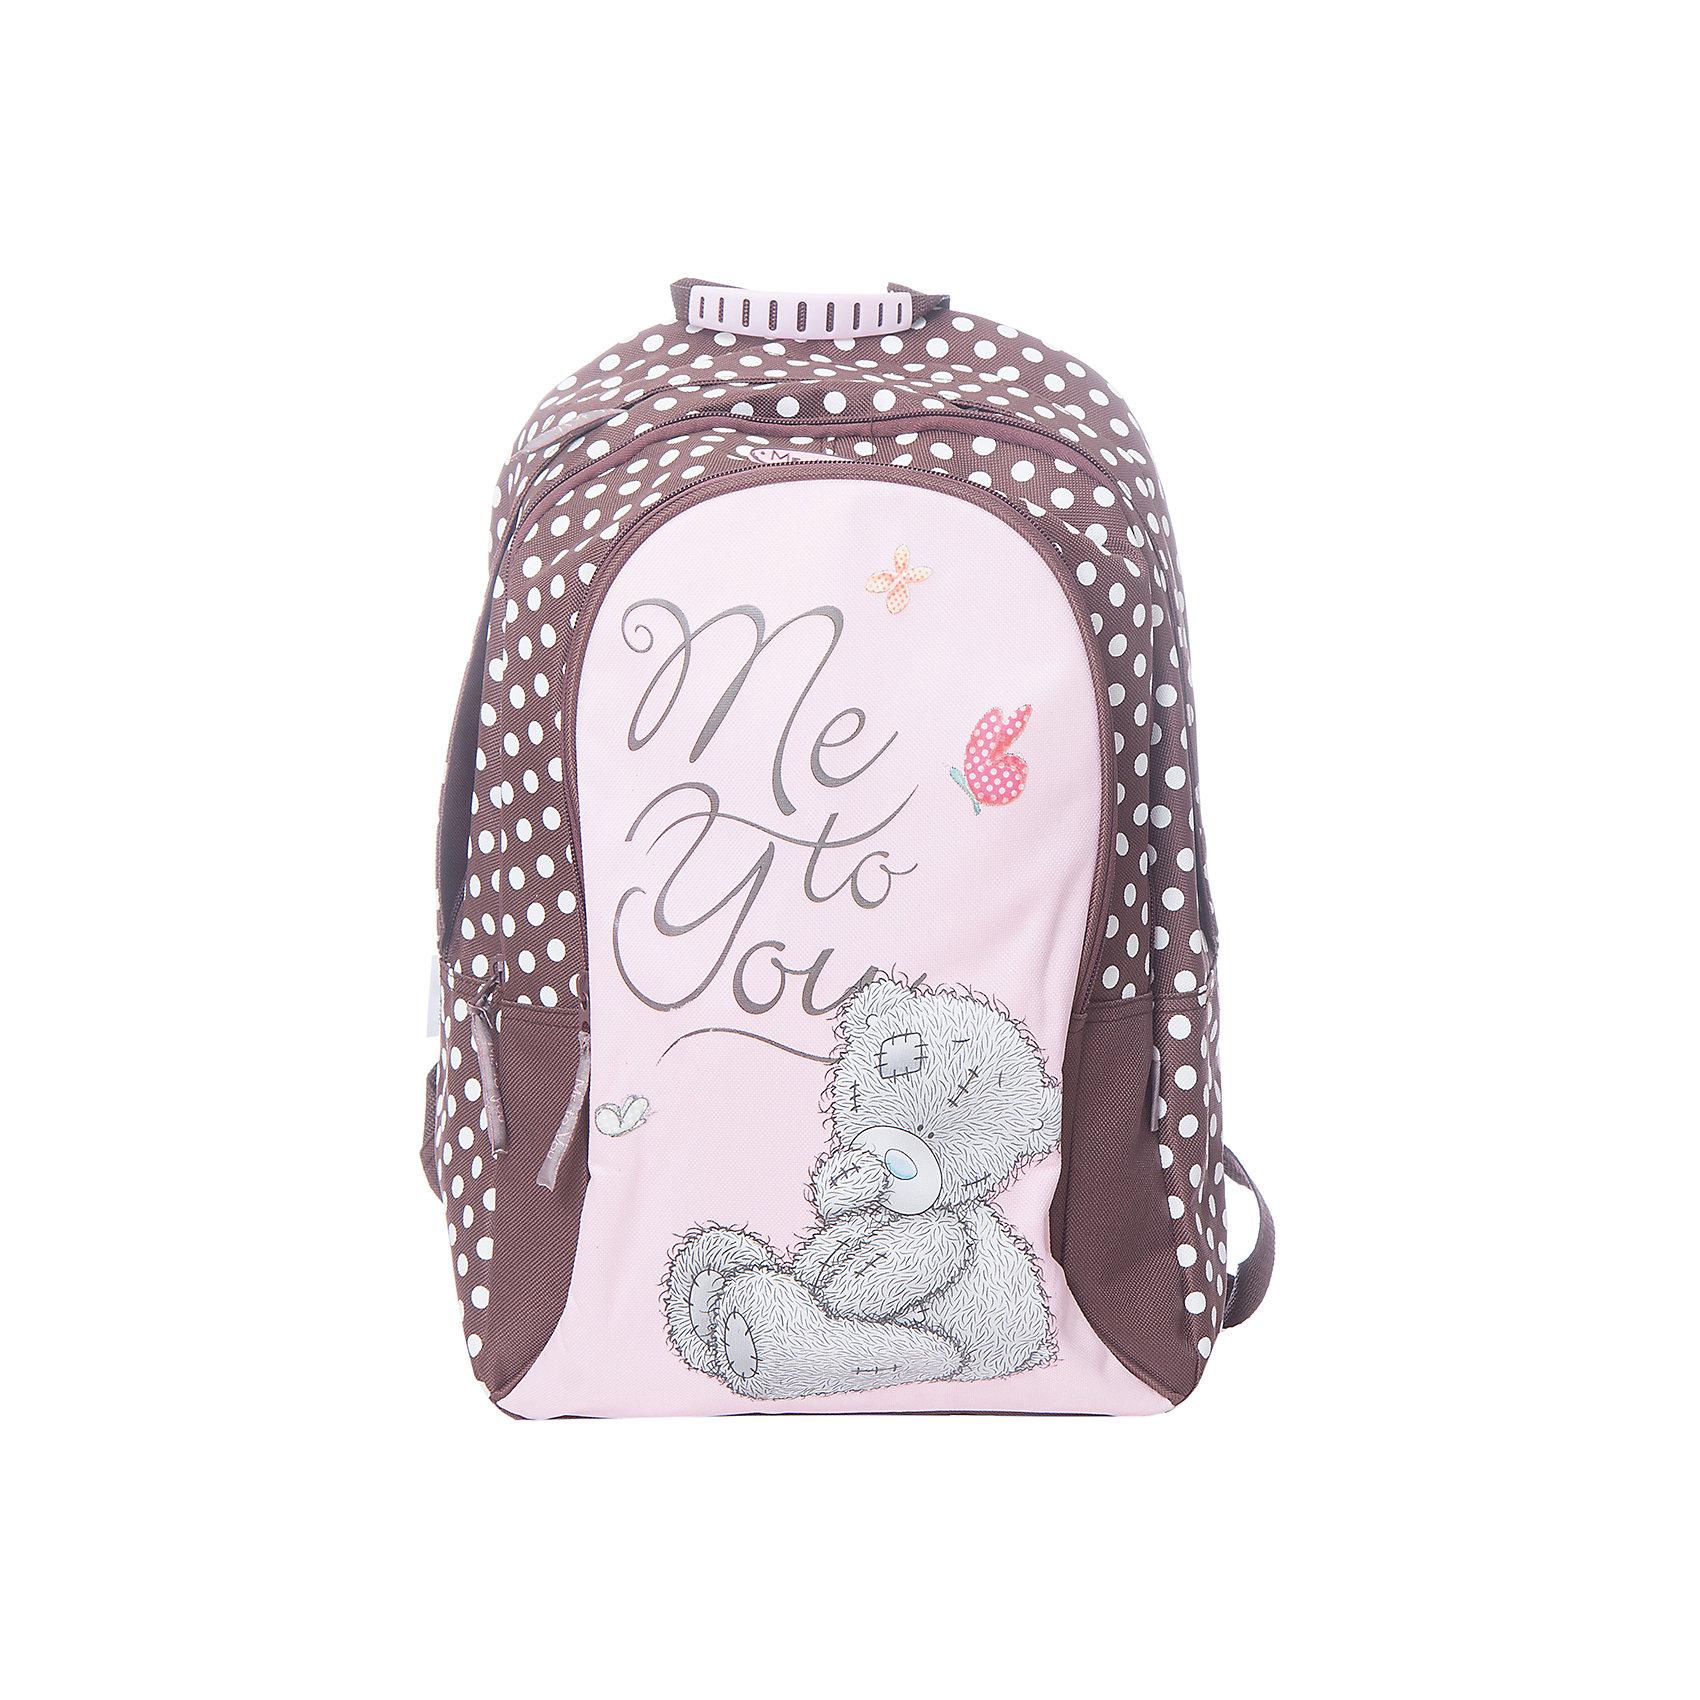 Школьный рюкзак Me to YouШкольные рюкзаки<br>Мягкий рюкзак, Me to You, прекрасно подойдет как для школьных занятий, так и для поездок и путешествий. Он выполнен из прочного износоустойчивого материала и имеет привлекательный дизайн с розово-коричневой расцветкой и изображением симпатичного мишки. Благодаря уплотненной спинке с воздухообменным сетчатым материалом позвоночник ребенка не будет испытывать больших нагрузок во время эксплуатации рюкзака. Широкие лямки S-образной формы регулируются по длине и равномерно распределяют нагрузку на плечевой пояс. Также есть удобная текстильная ручка с резиновой накладкой для переноски в руках. Рюкзак закрывается на застежку-молнию, внутри два больших отделения. На лицевой стороне расположен большой накладной карман на молнии. Светоотражающие элементы обеспечивают безопасность в темное время суток.<br><br>Дополнительная информация:<br><br>- Материал: полиэстер, текстиль. <br>- Размер рюкзака: 31 х 14,5 х 44 см.<br>- Вес: 0,62 кг.<br><br>Мягкий рюкзак 31*14,5*44 см., Me to You, можно купить в нашем интернет-магазине.<br><br>Ширина мм: 440<br>Глубина мм: 310<br>Высота мм: 145<br>Вес г: 620<br>Возраст от месяцев: 72<br>Возраст до месяцев: 144<br>Пол: Женский<br>Возраст: Детский<br>SKU: 4489572